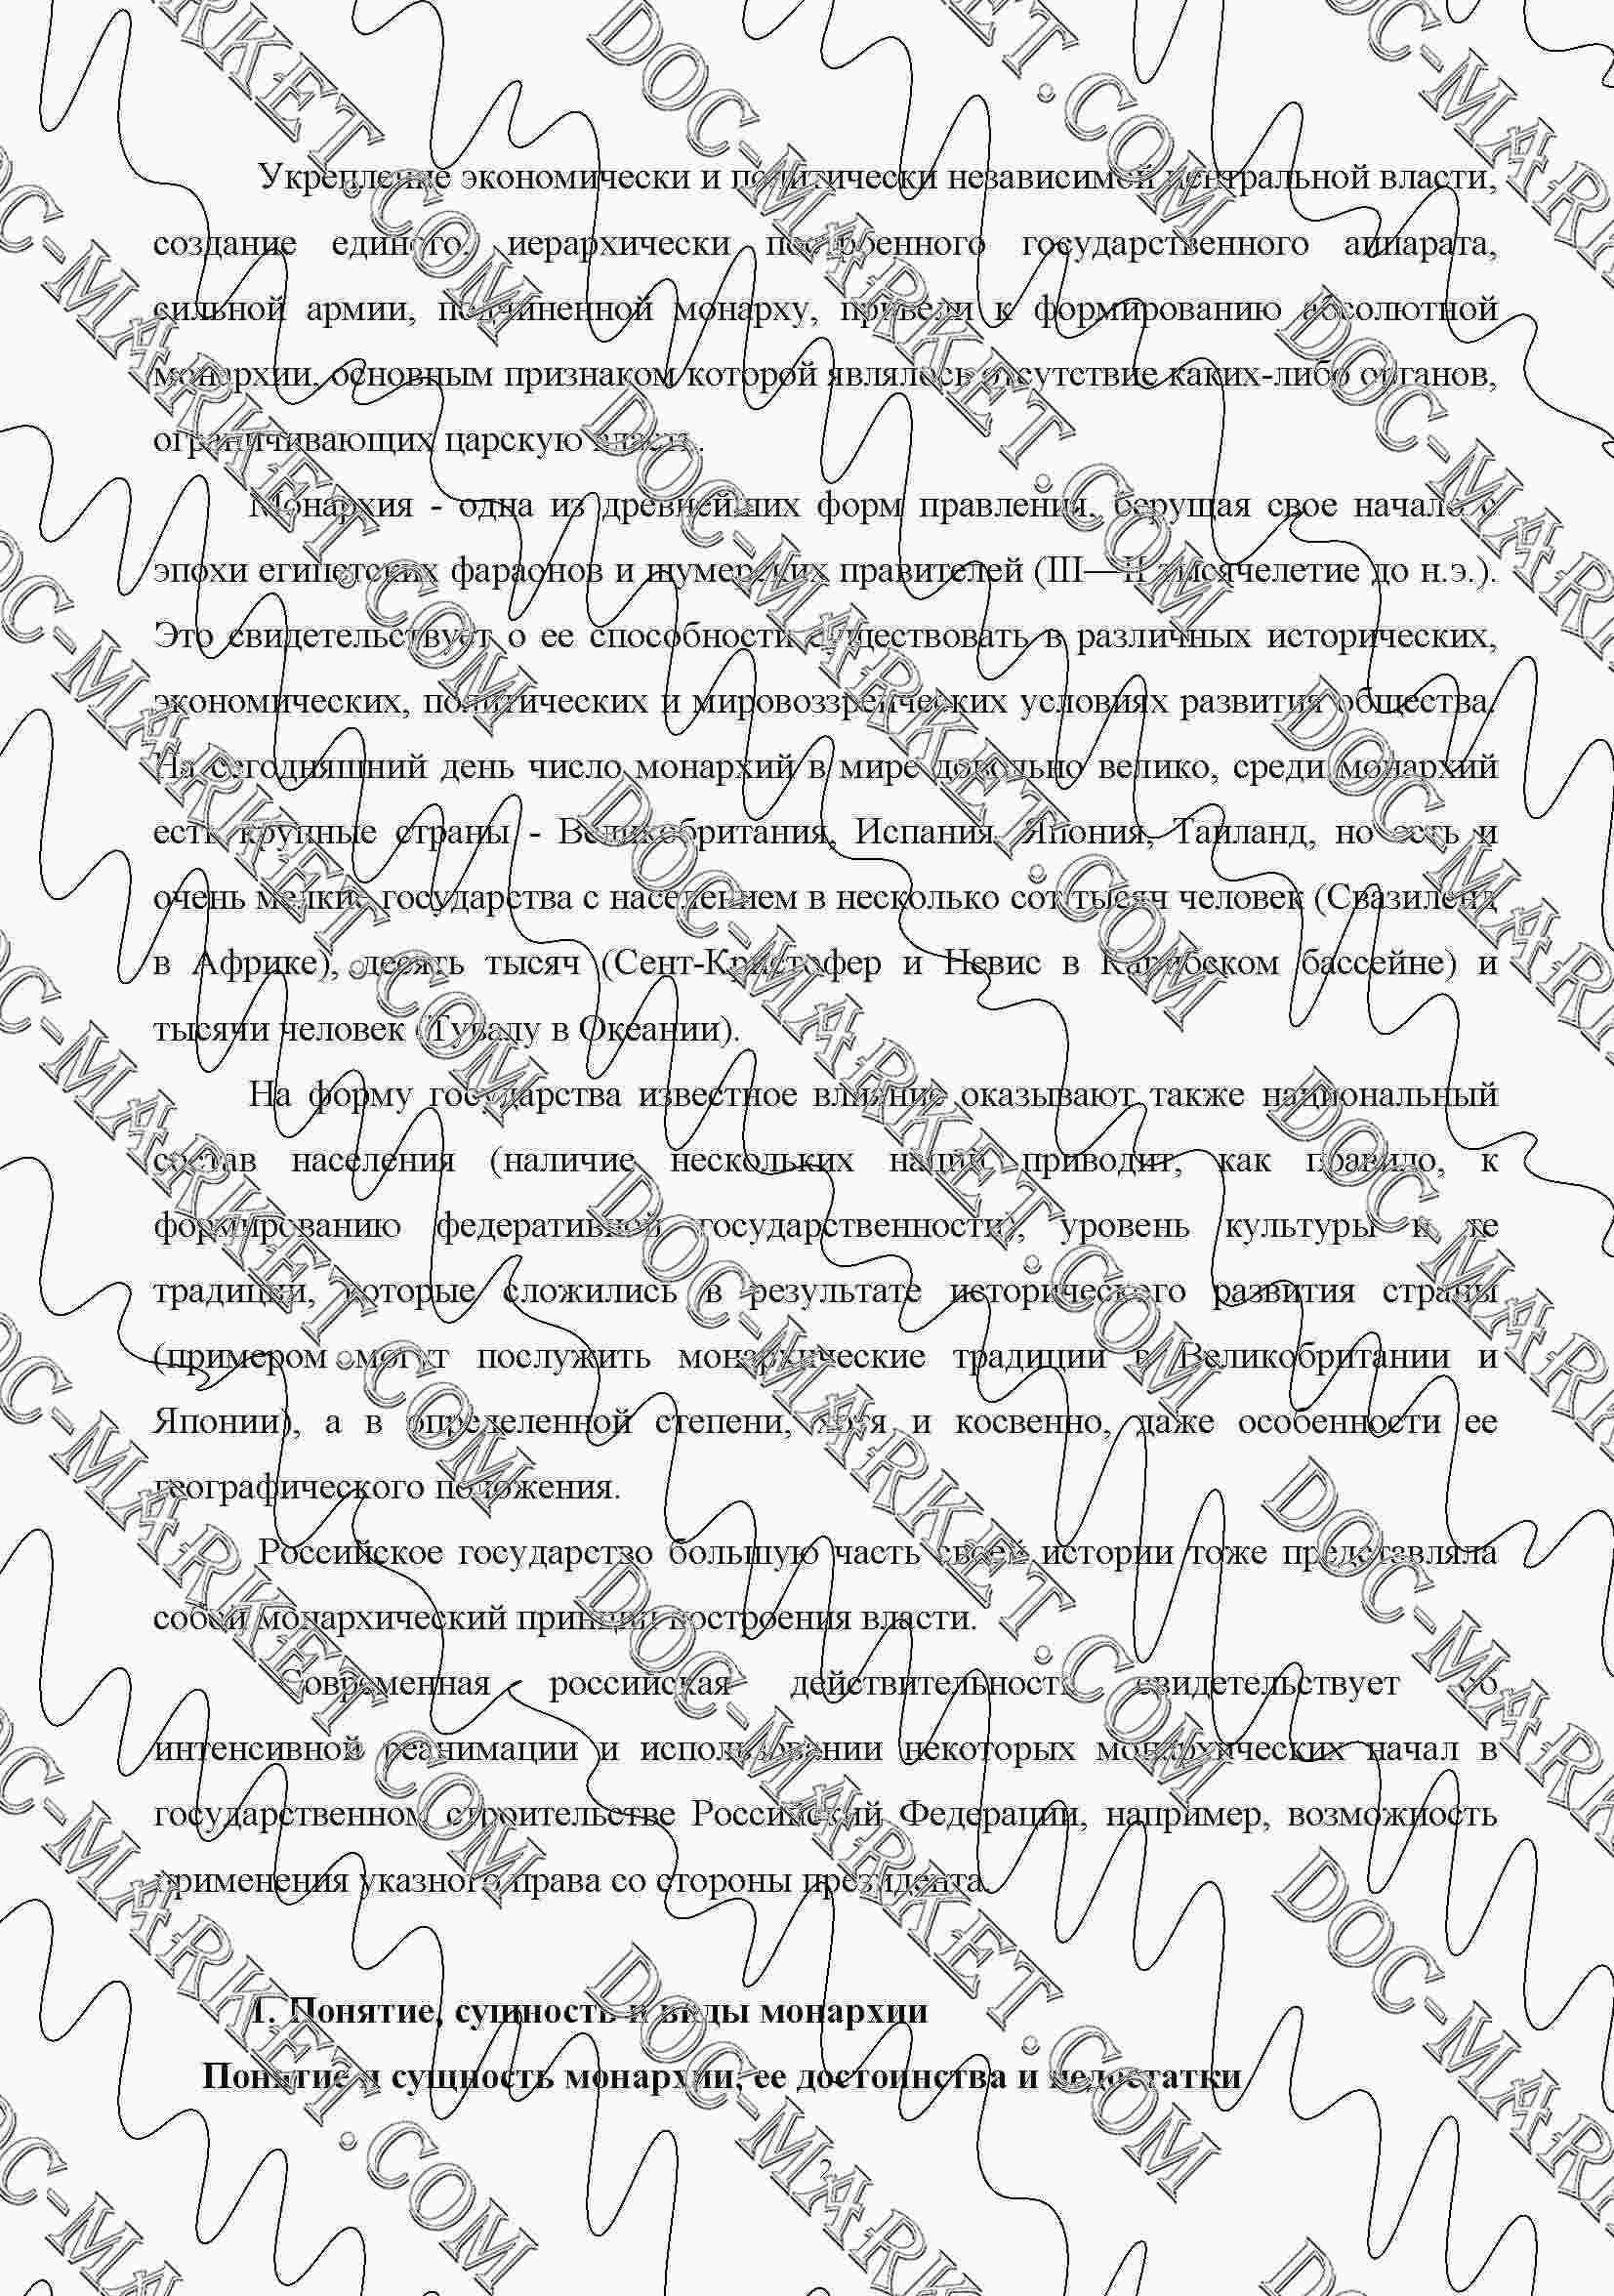 Дипломная работа на тему информационные технологии это википедия Дипломных работ Дипломная работа на тему информационные технологии это википедия